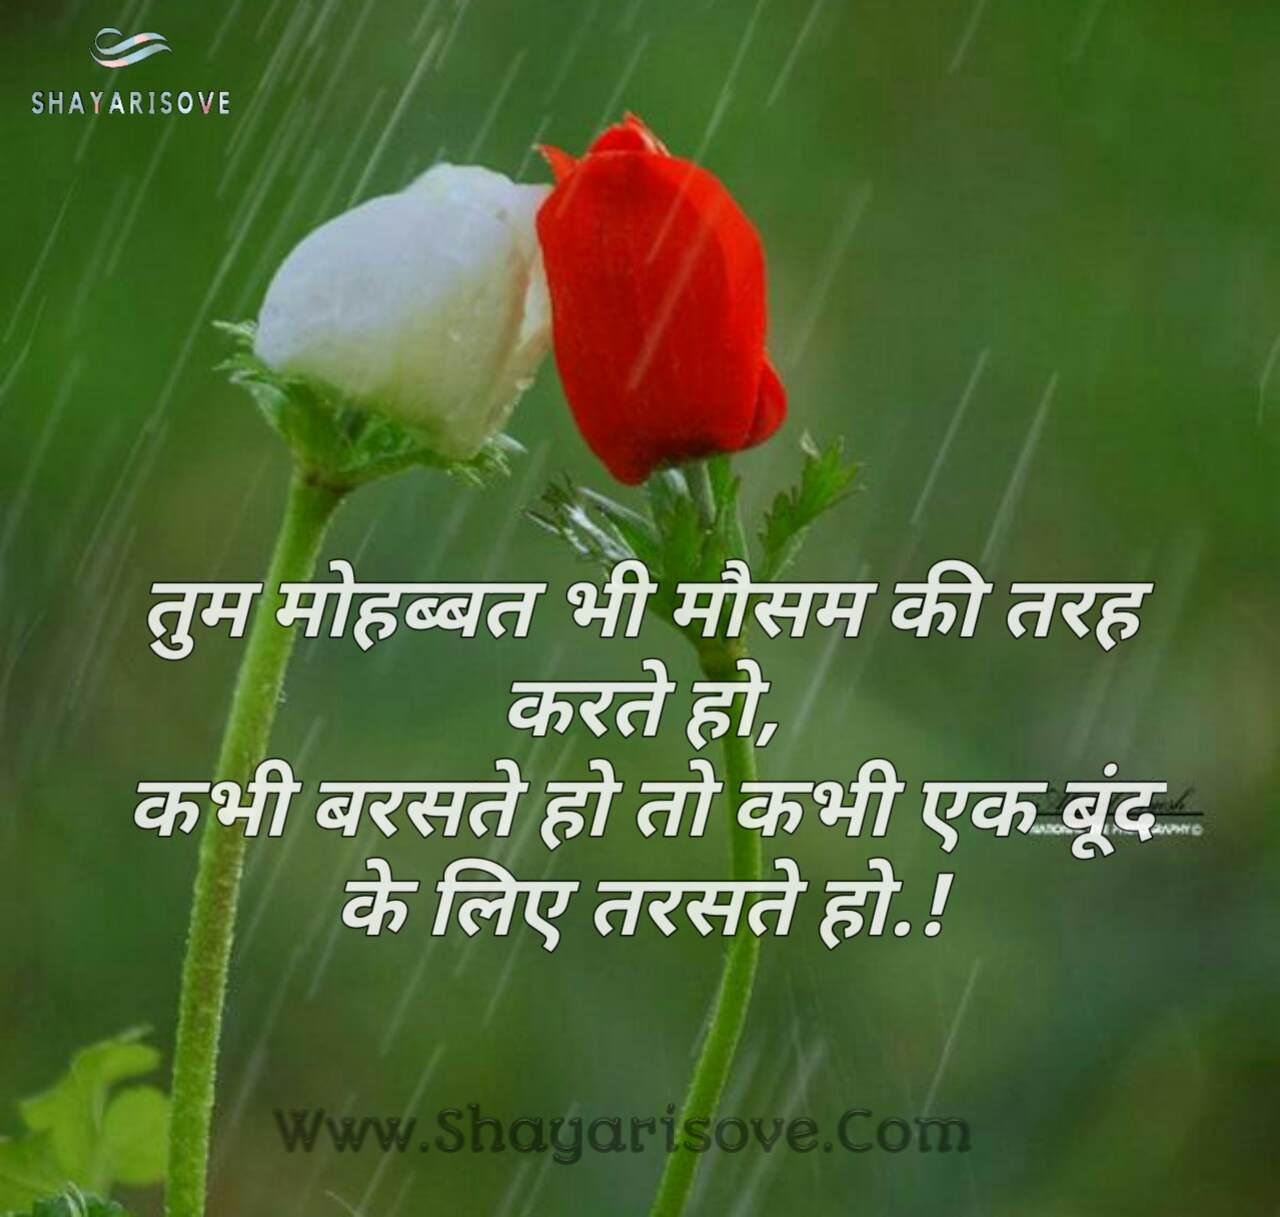 Tum mohabbat bhi